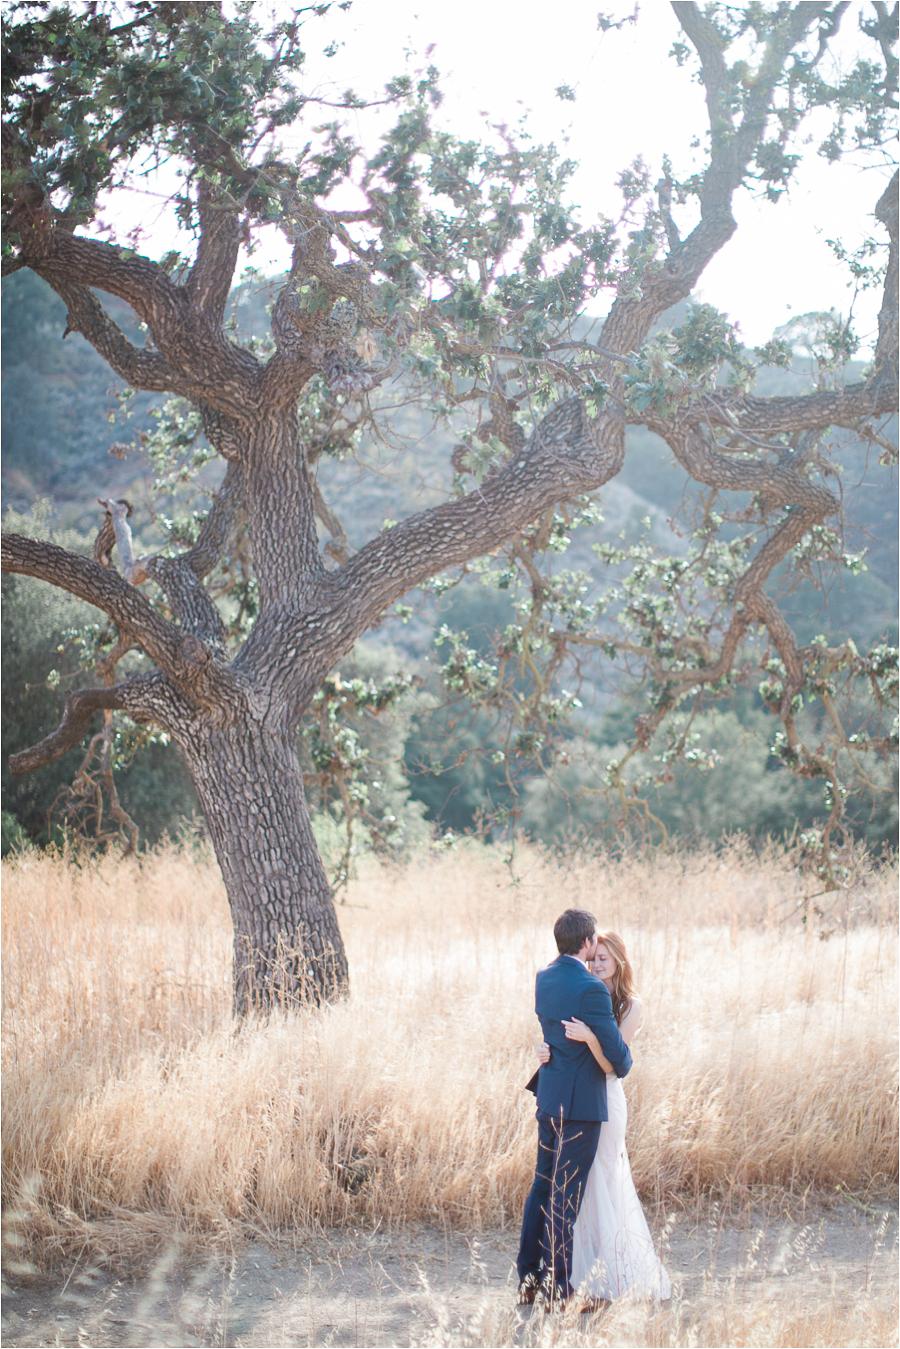 Calabasas Wedding Photographer_Taylor Kinzie Photography-17